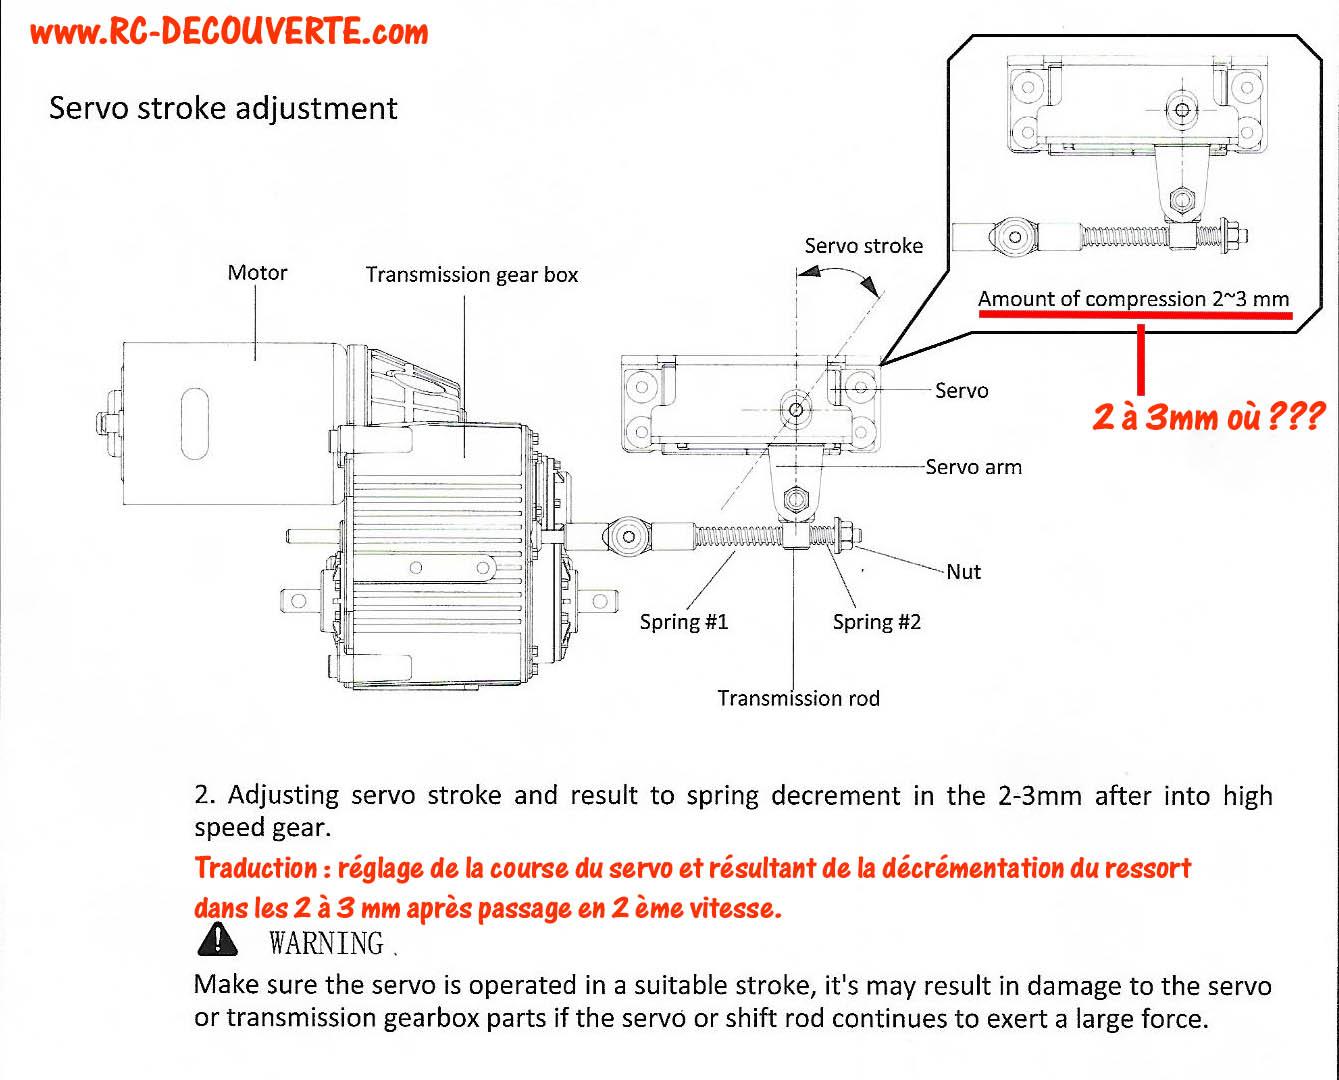 Camion Cross RC UC6 6x6 de Louloux : Montage et Présentation - Page 17 Notice17